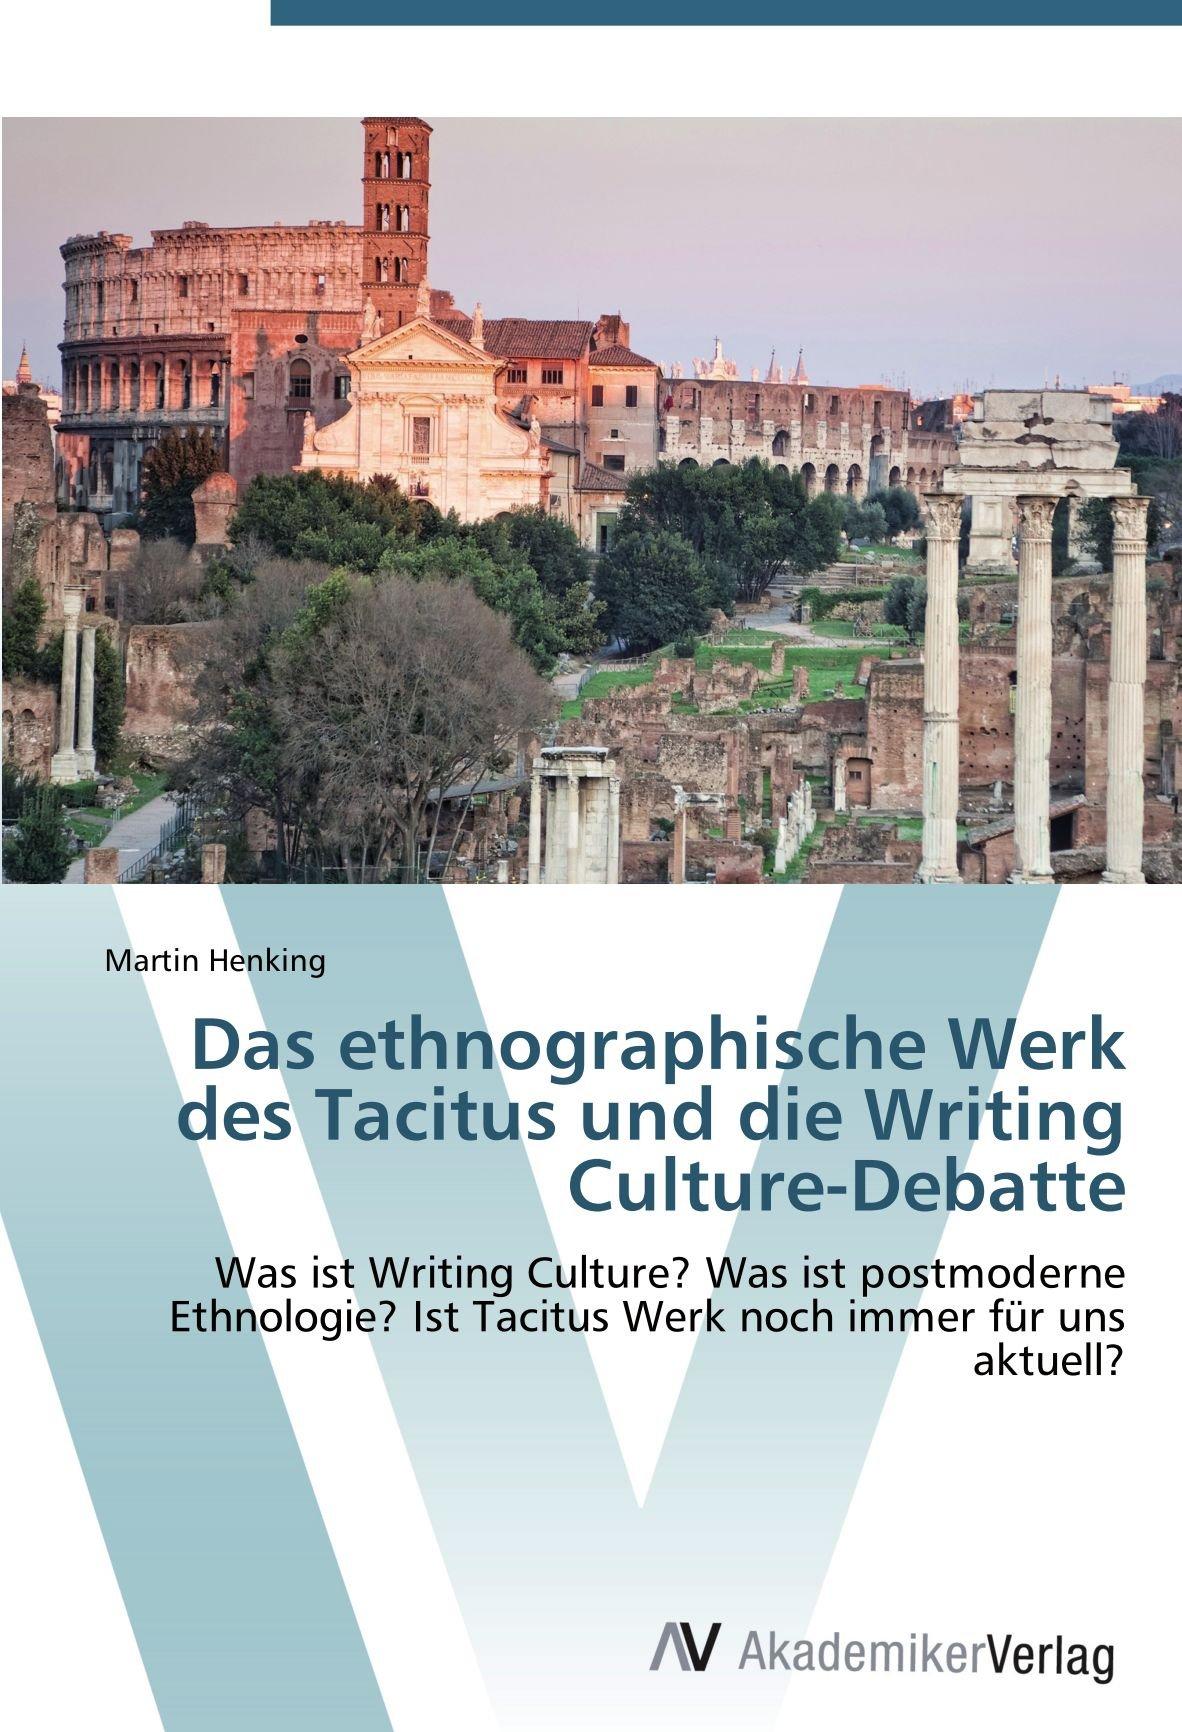 Das ethnographische Werk des Tacitus und die Writing Culture-Debatte: Was ist Writing Culture? Was ist postmoderne Ethnologie? Ist Tacitus Werk noch immer für uns aktuell?